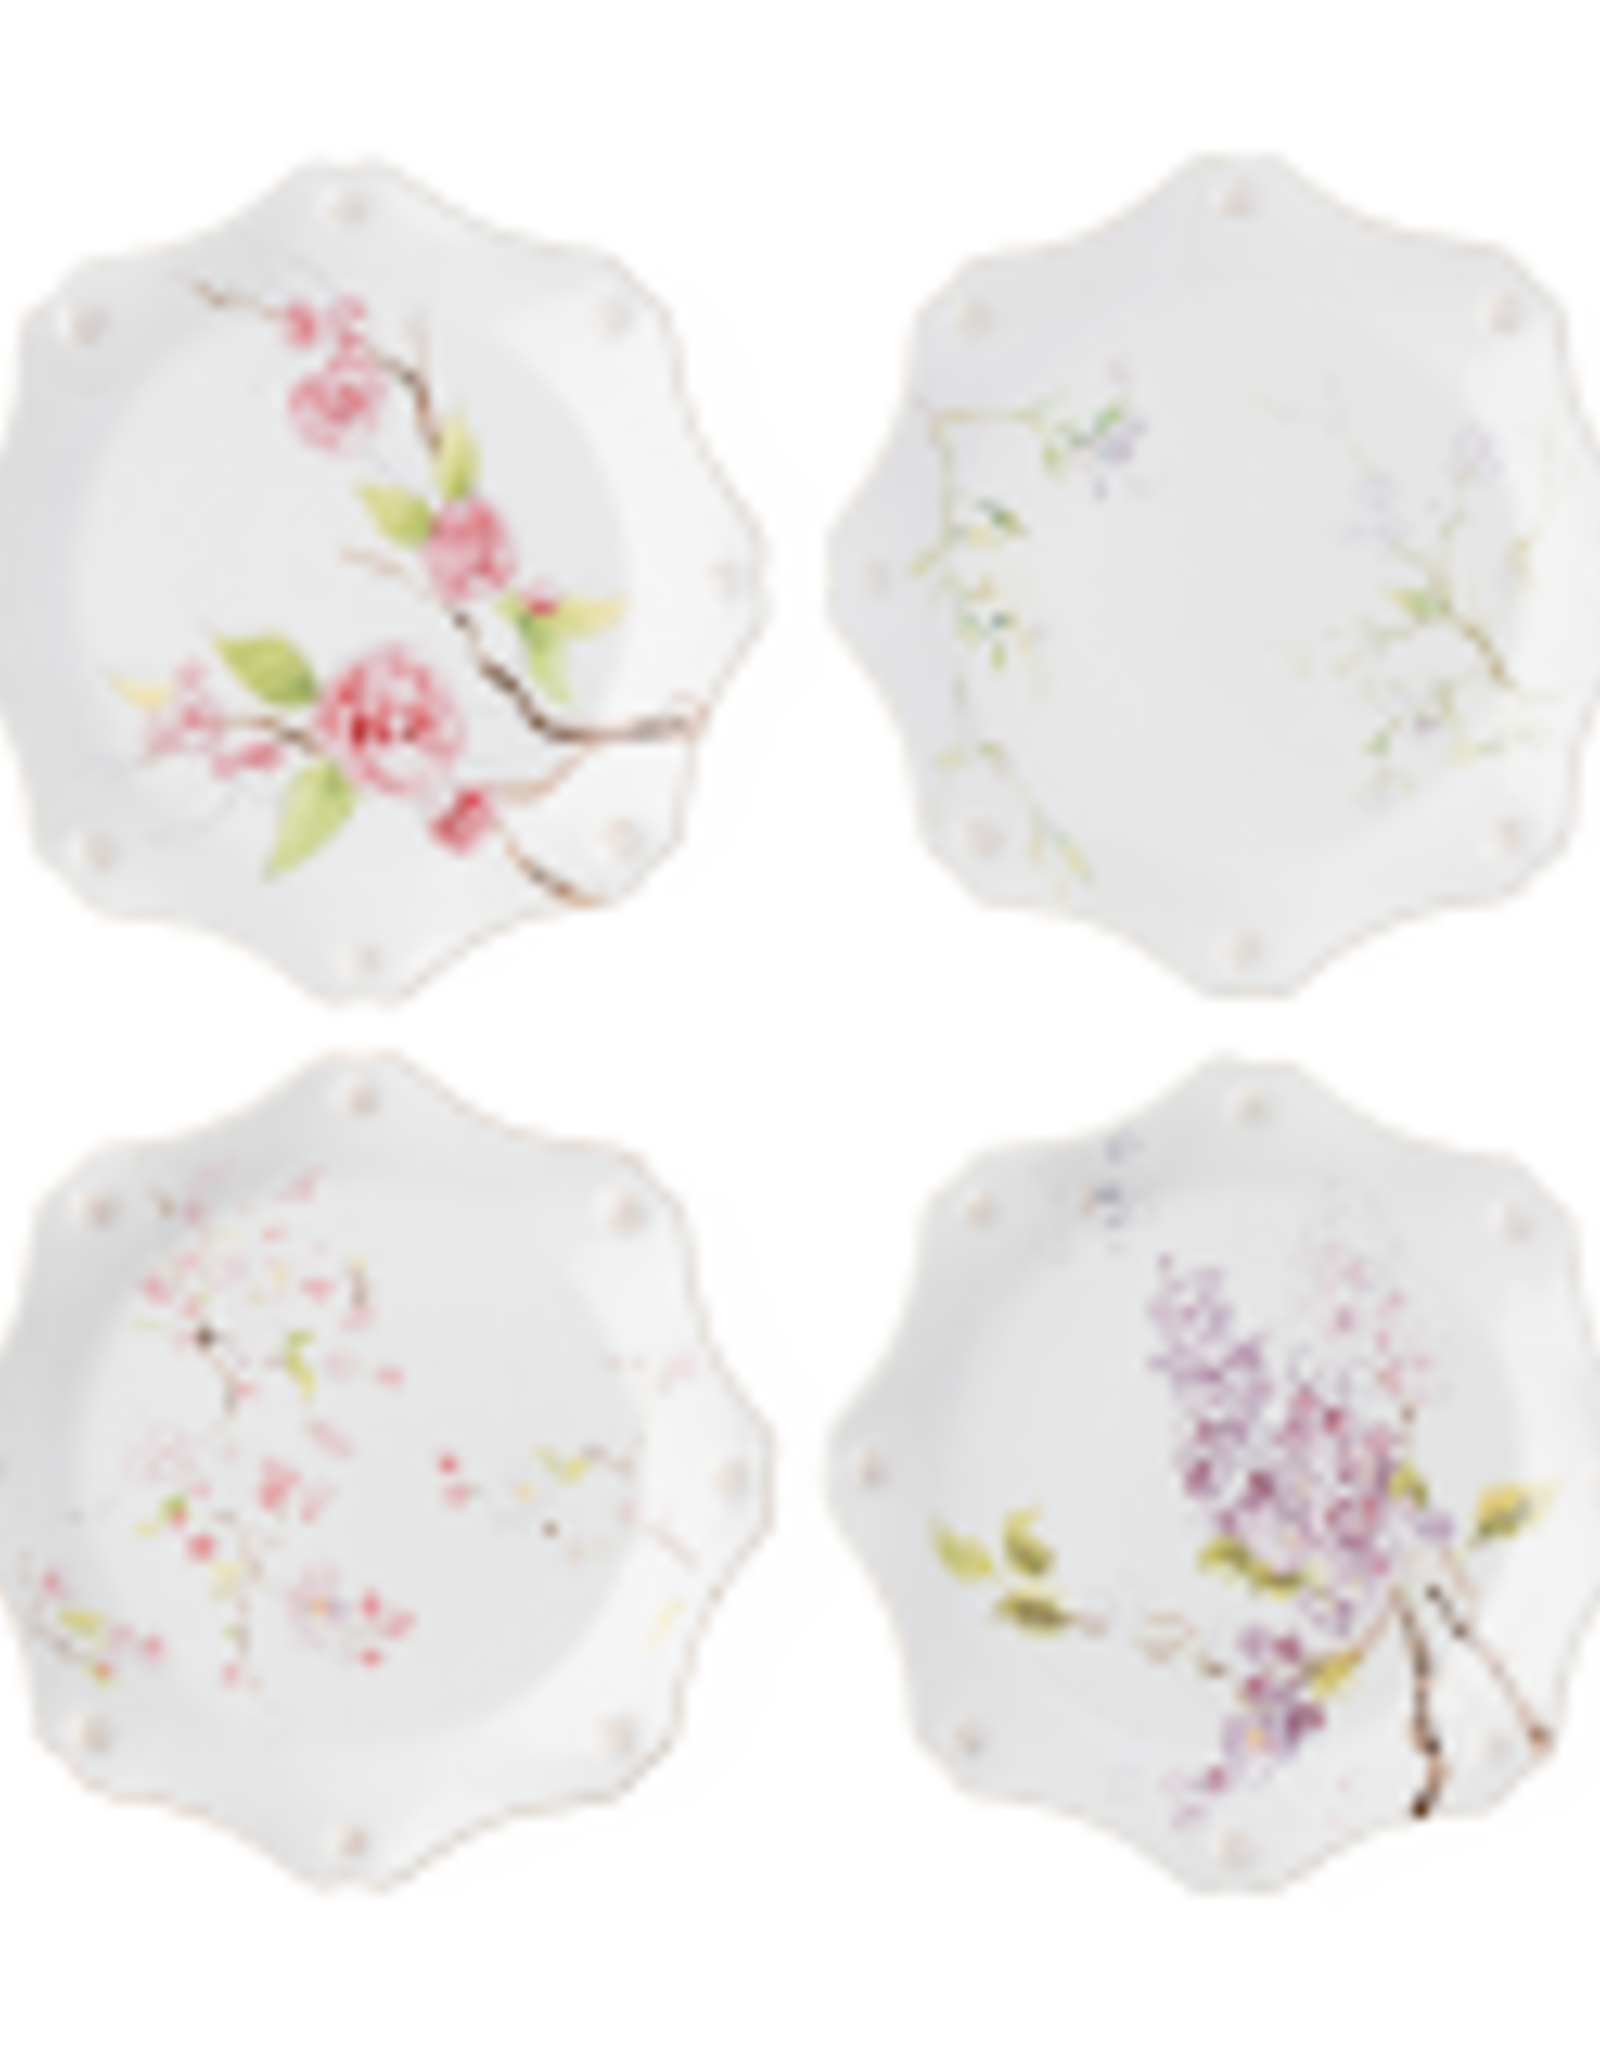 Juliska Berry & Thread Floral Sketch Set of 4 Dessert/Salad Plates